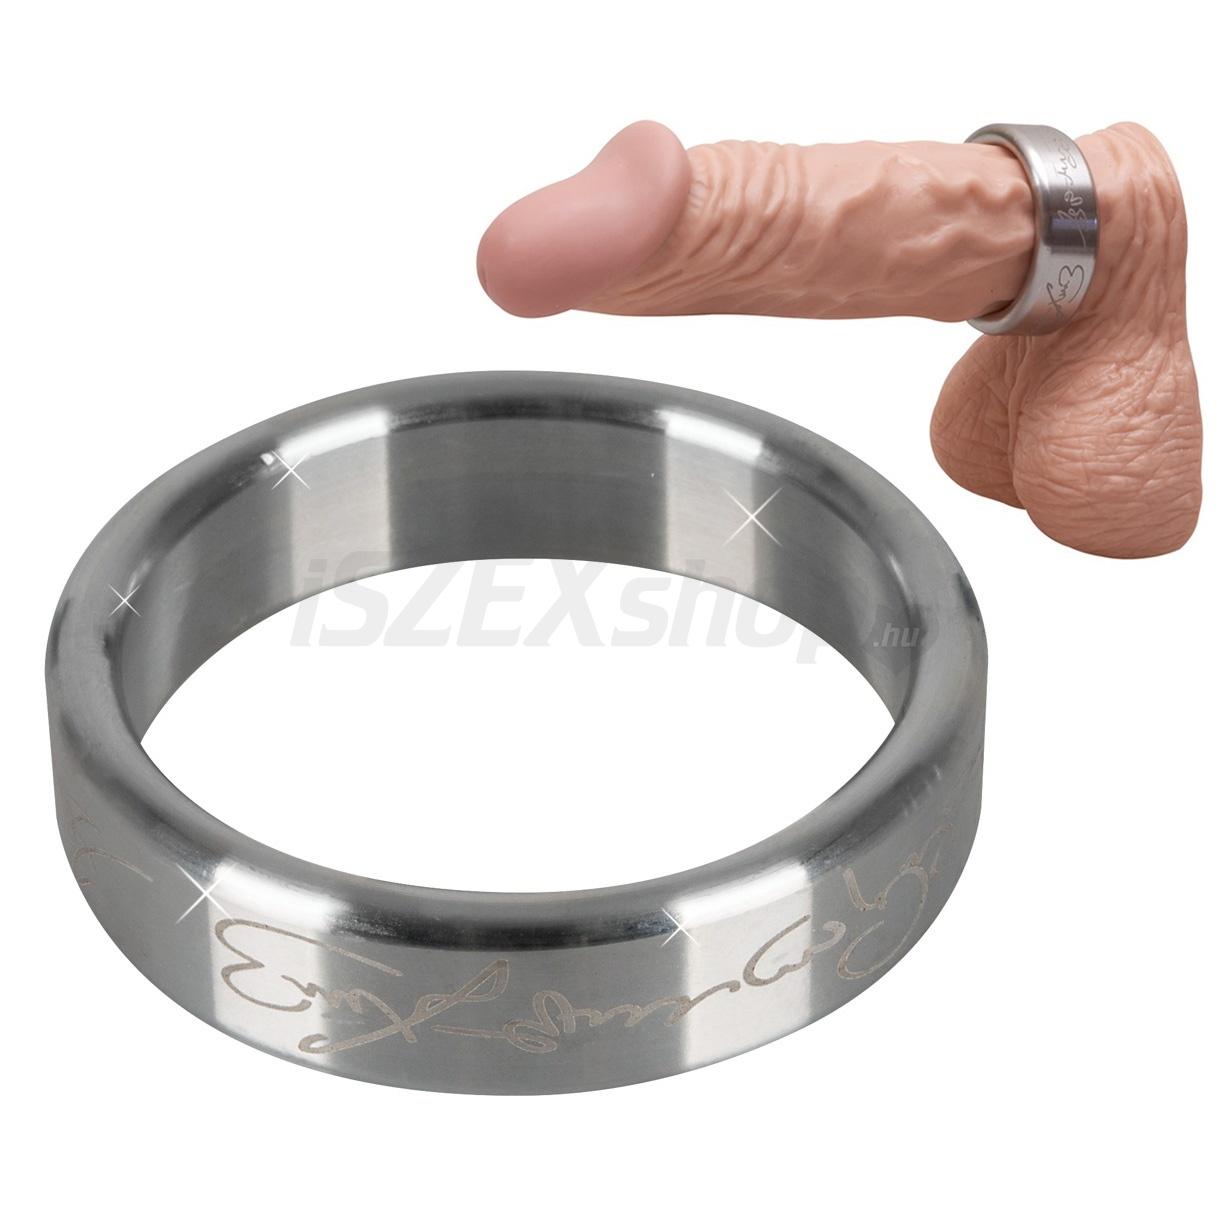 fém péniszgyűrű)